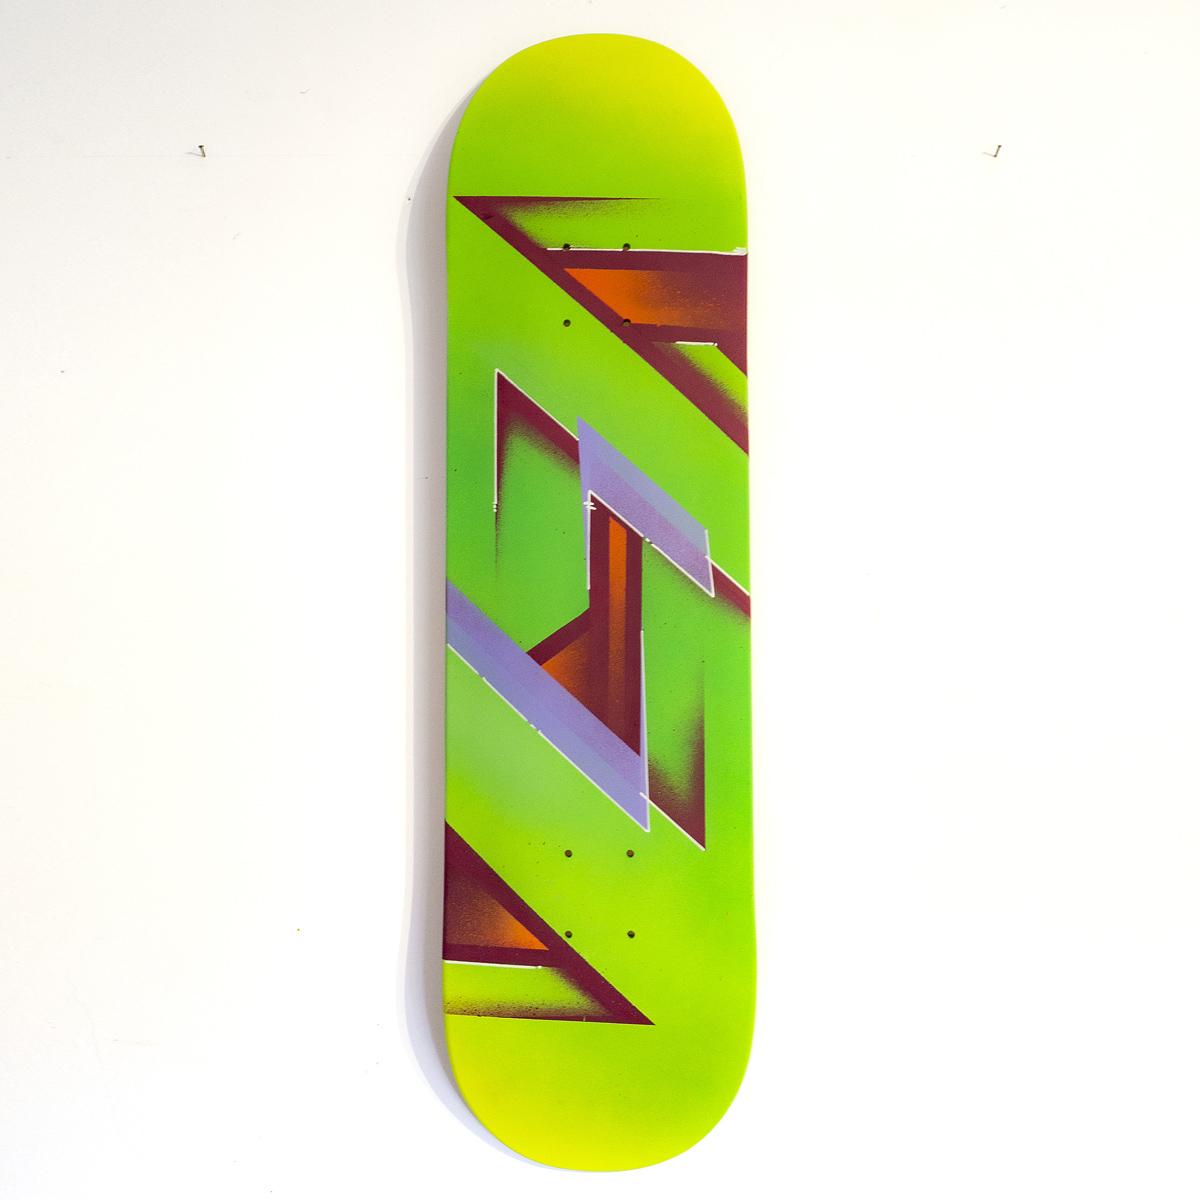 Dean-Skate-Pomme-Golden-Galerie